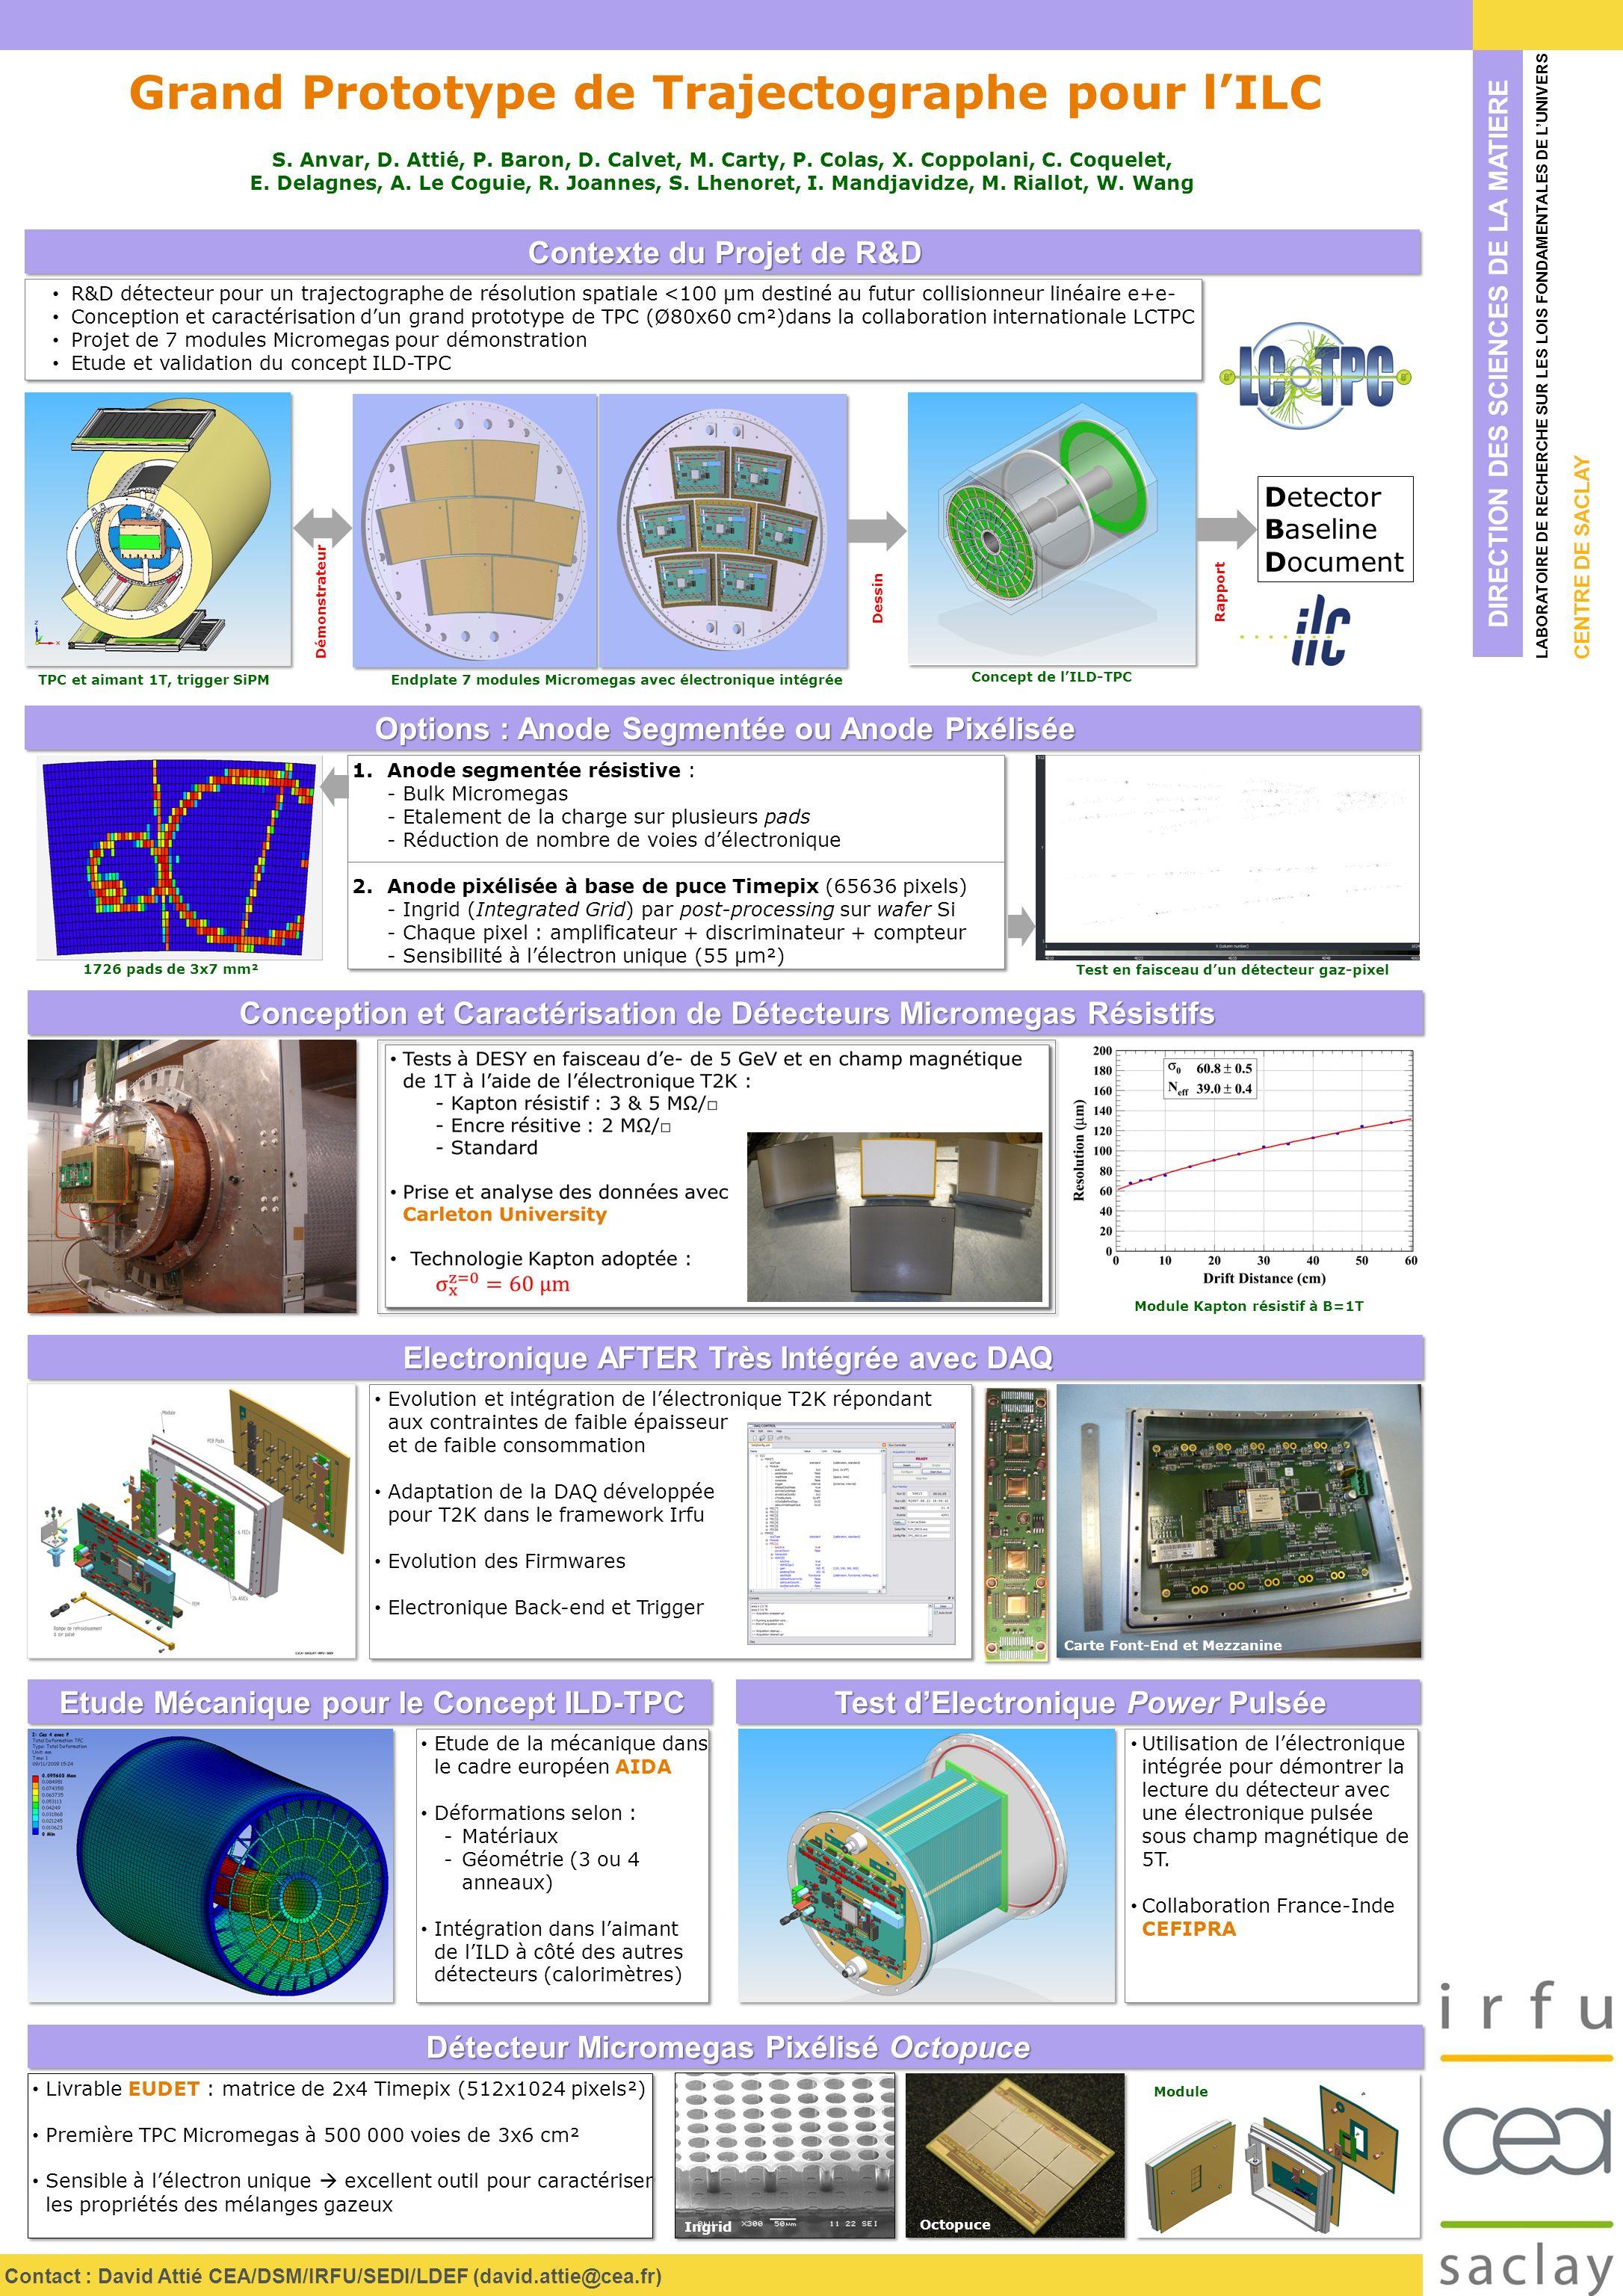 Etude de la mécanique dans le cadre européen AIDA Déformations selon : -Matériaux -Géométrie (3 ou 4 anneaux) Intégration dans laimant de lILD à côté des autres détecteurs (calorimètres) Etude de la mécanique dans le cadre européen AIDA Déformations selon : -Matériaux -Géométrie (3 ou 4 anneaux) Intégration dans laimant de lILD à côté des autres détecteurs (calorimètres) DIRECTION DES SCIENCES DE LA MATIERE LABORATOIRE DE RECHERCHE SUR LES LOIS FONDAMENTALES DE LUNIVERS CENTRE DE SACLAY Contact : David Attié CEA/DSM/IRFU/SEDI/LDEF (david.attie@cea.fr) Contexte du Projet de R&D Grand Prototype de Trajectographe pour lILC S.